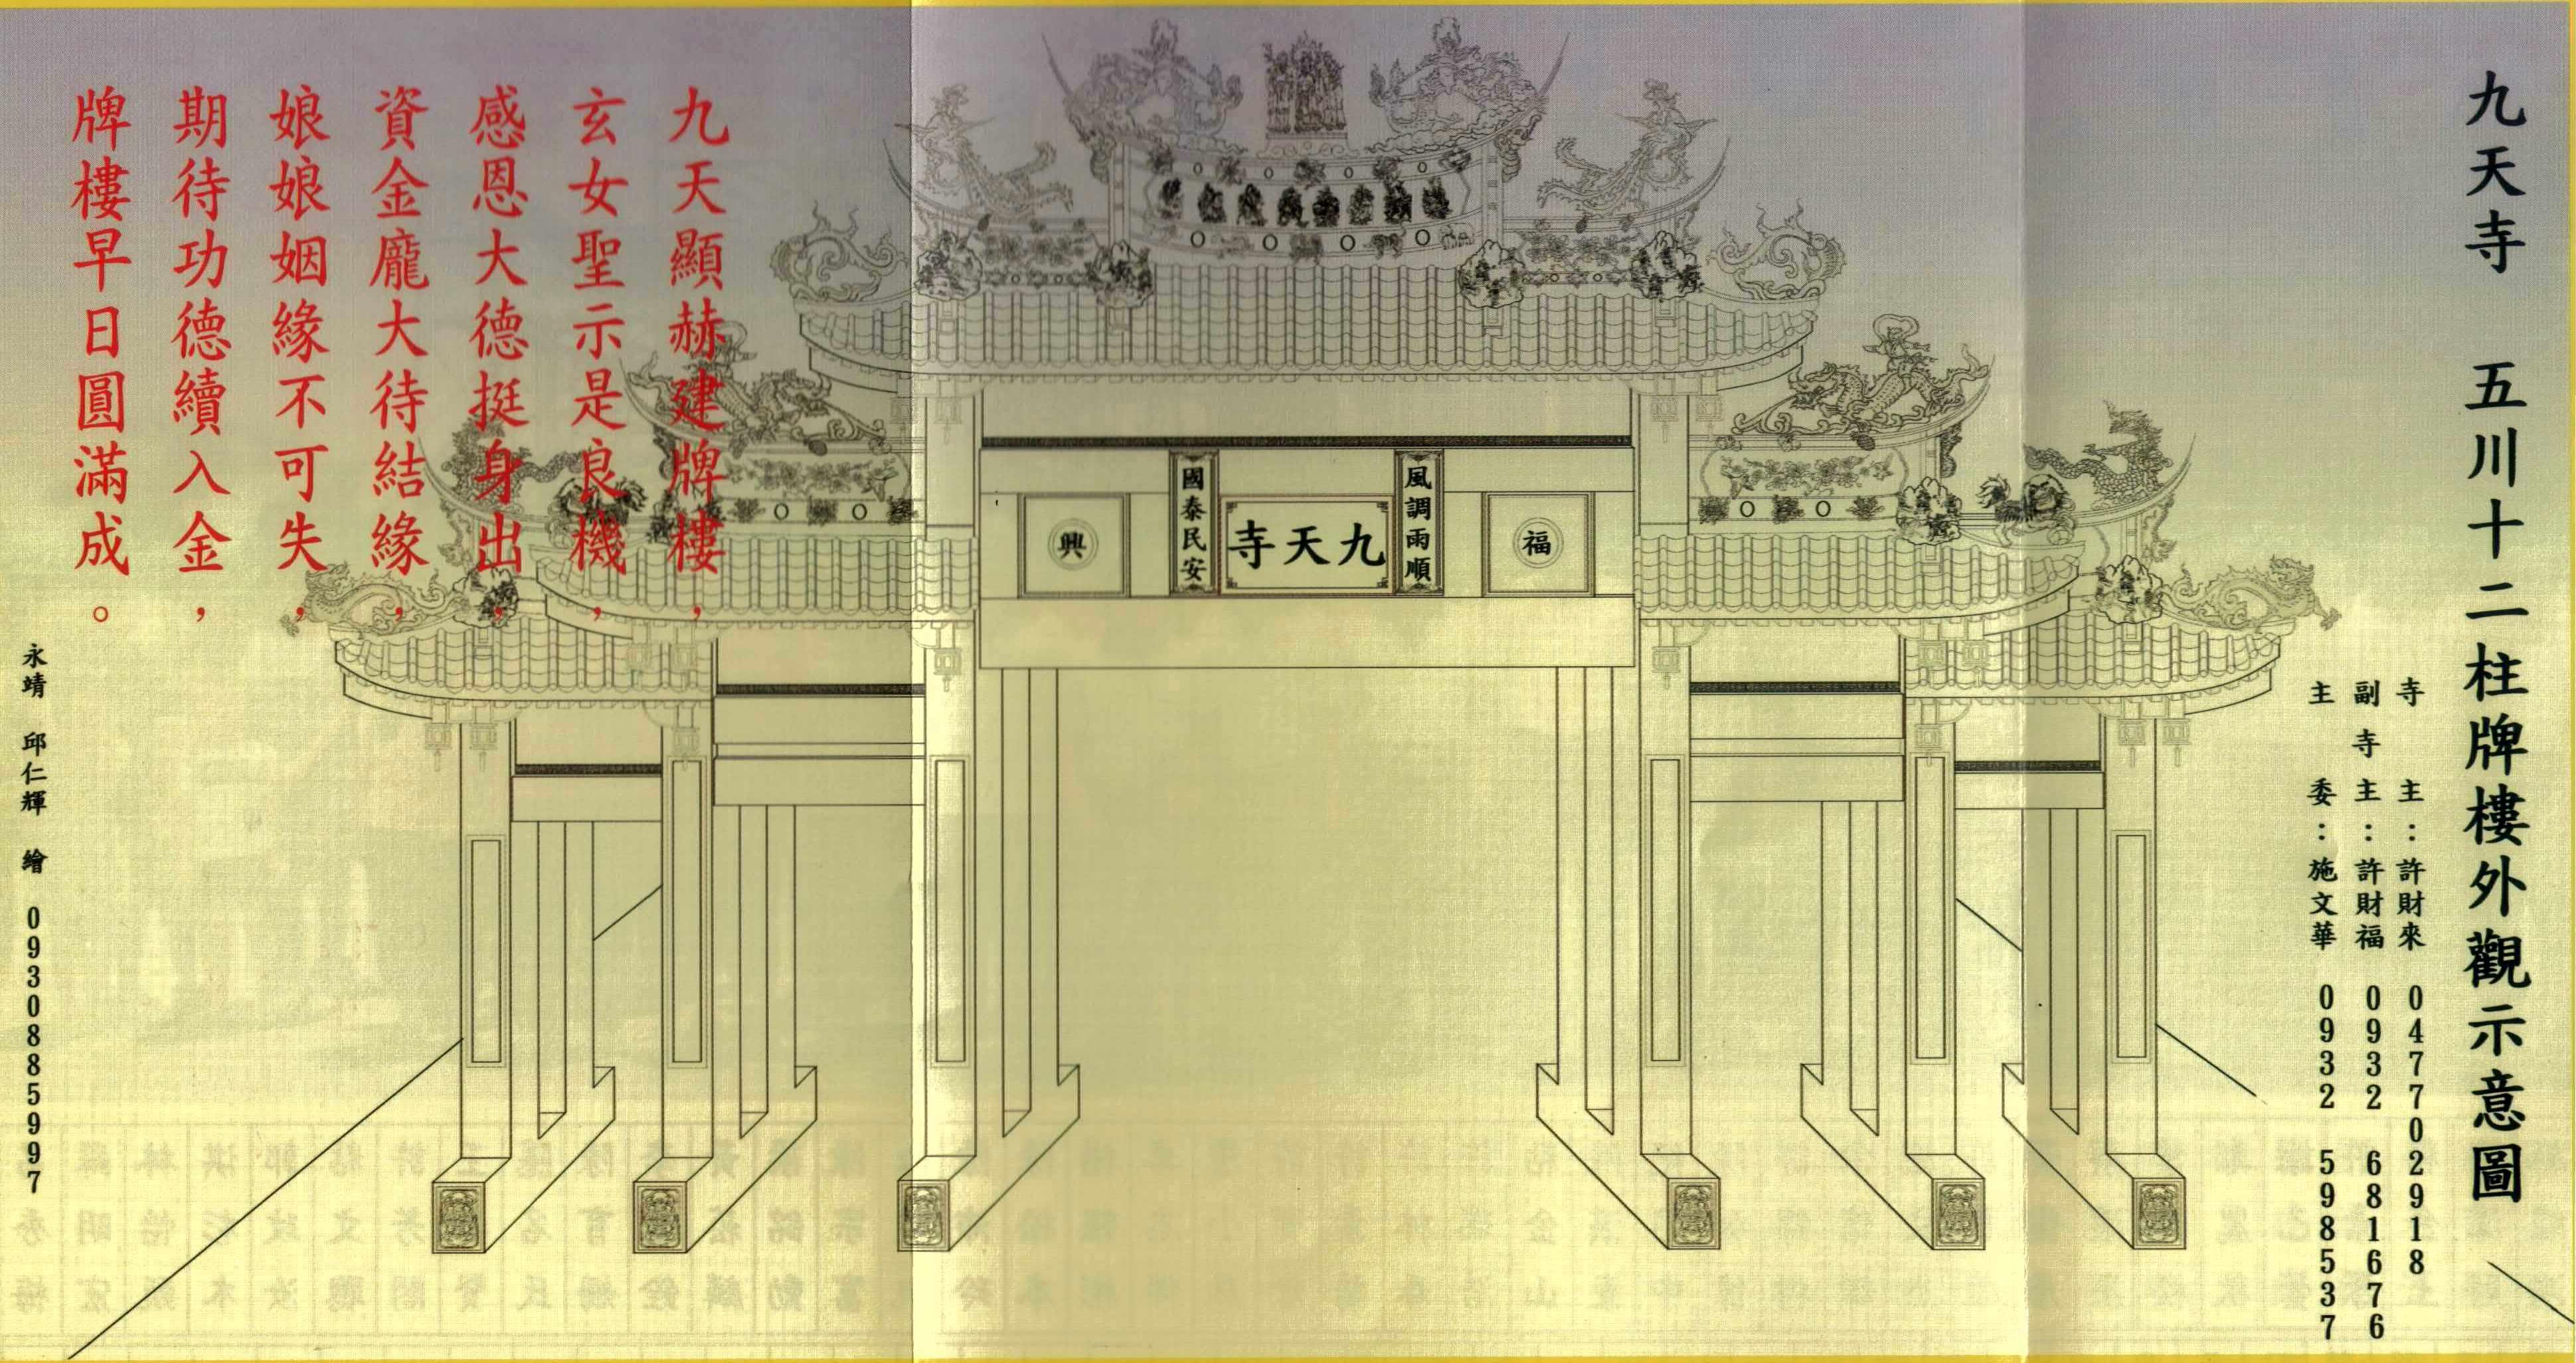 九天寺 五川十二柱大牌樓外觀示意圖.jpg